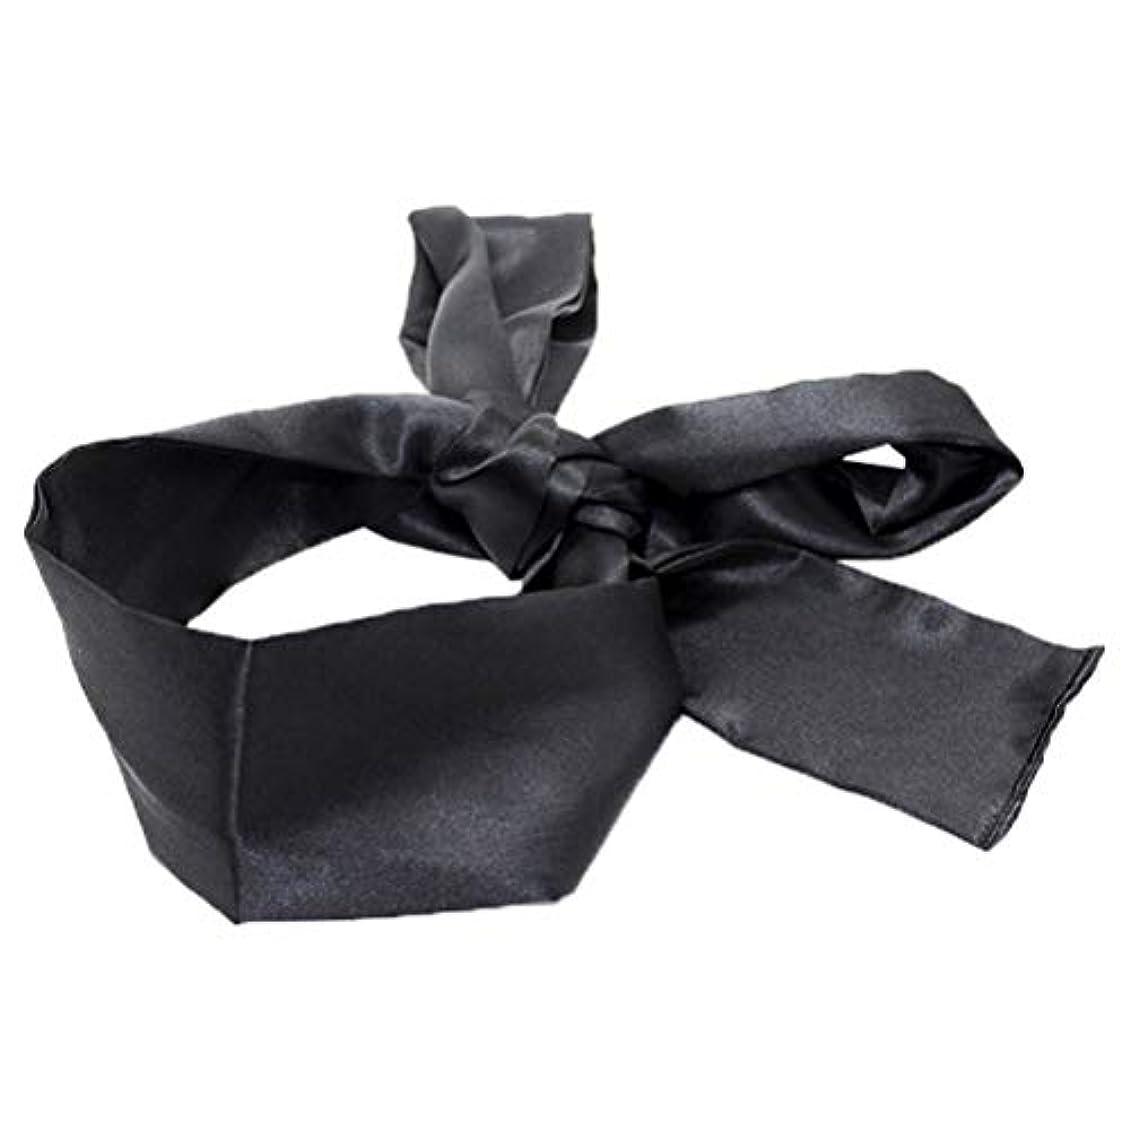 受け取るスリチンモイチチカカ湖HEALIFTY 睡眠マスクホームトラベルコスチューム小道具(ブラック)用サテン目隠しソフト快適なアイマスクバンドブラインダー